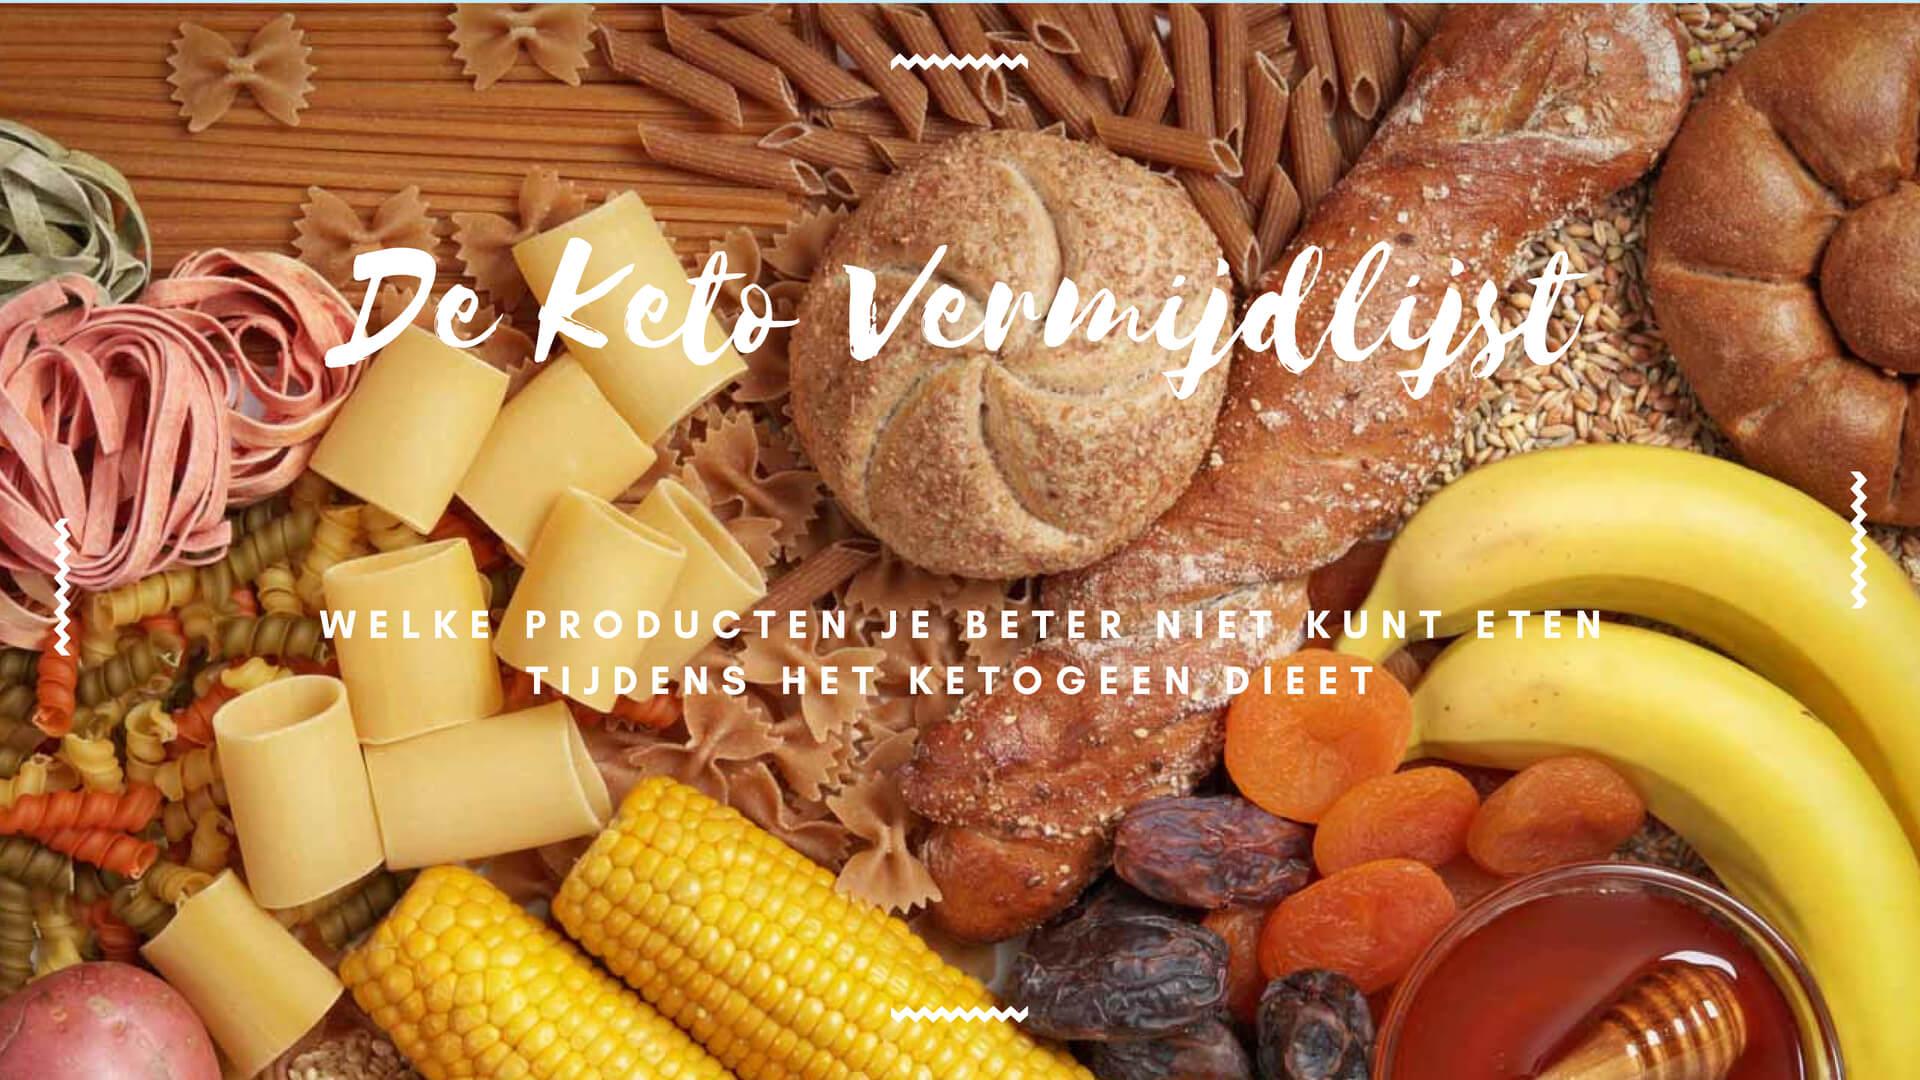 Koolhydraten, eiwitten, vetten en dranken om te vermijden tijdens het ketogeen dieet